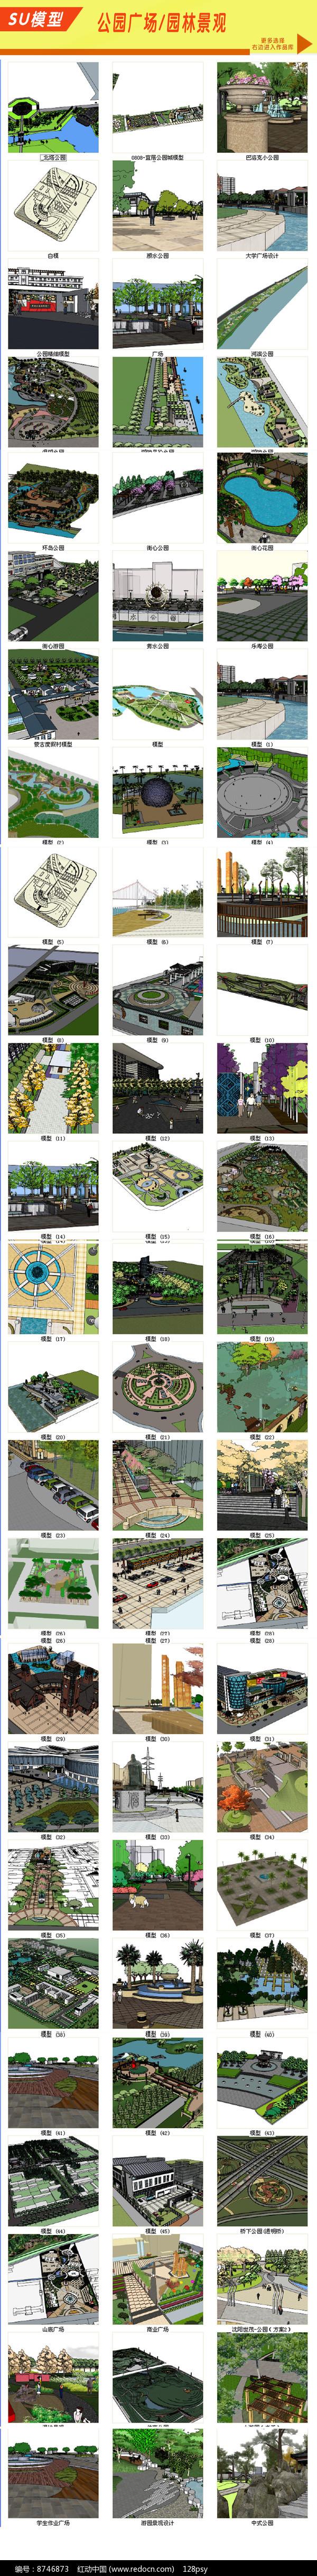 公园广场 园林观景图片